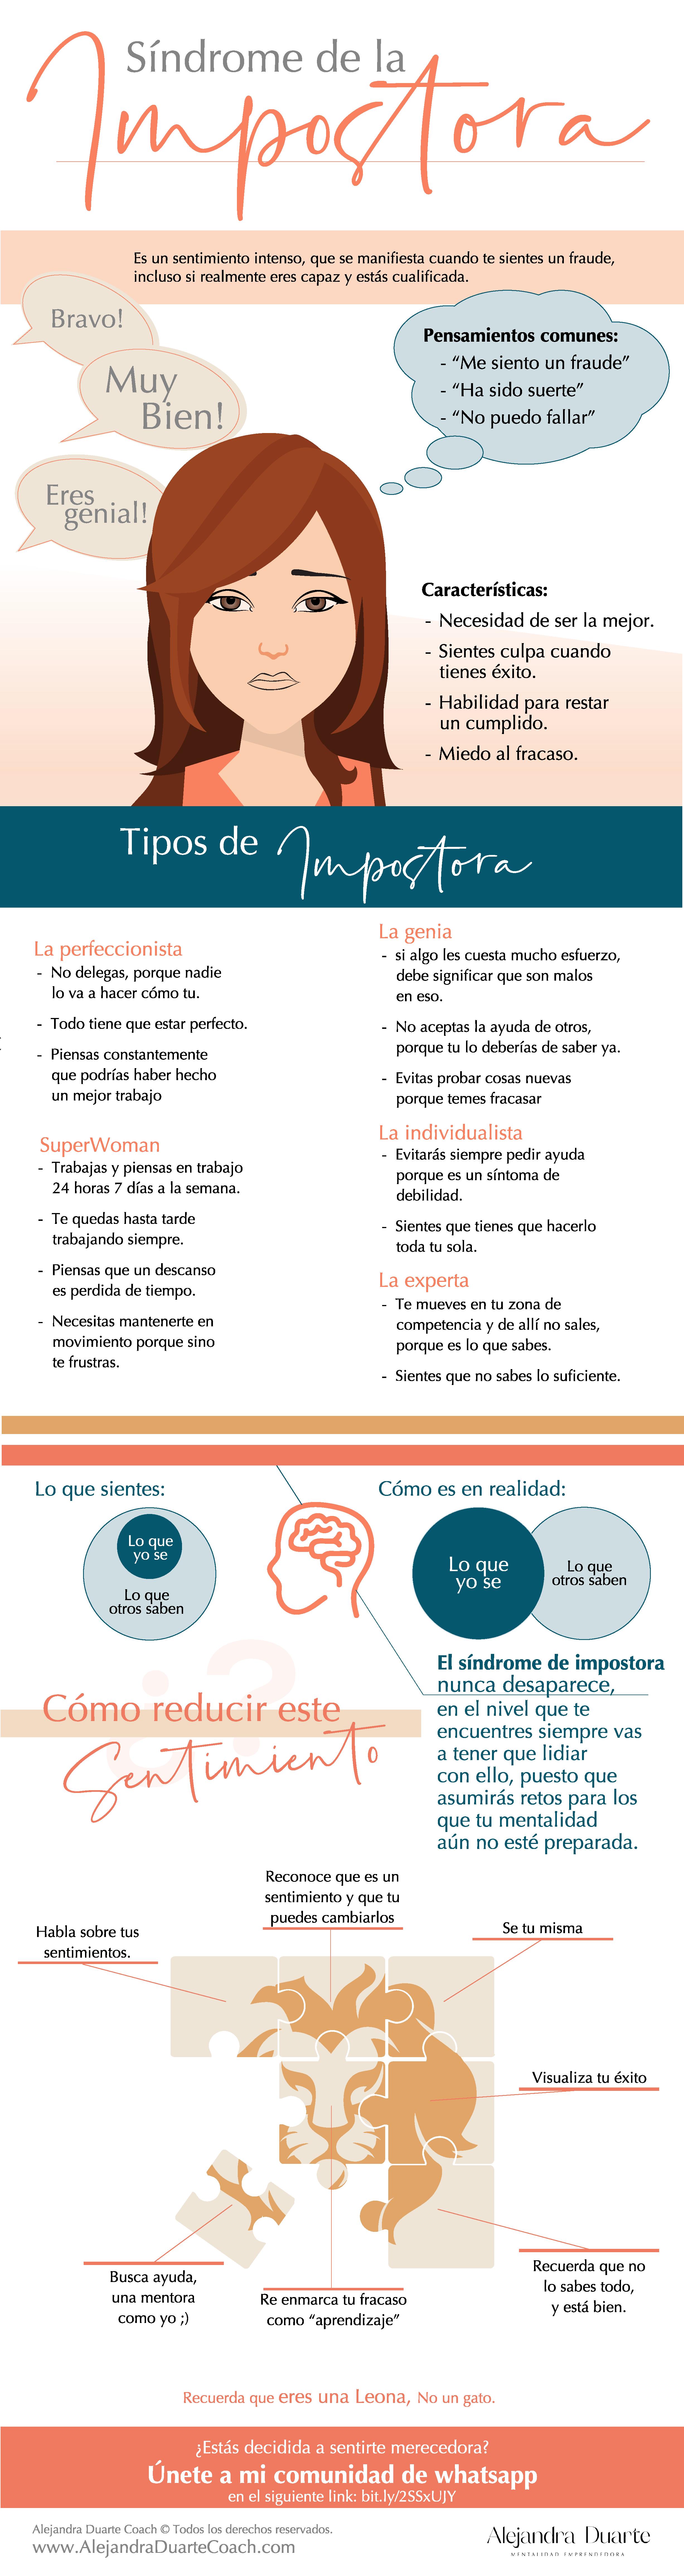 Sindrome-impostora-Alejandra-Duarte-Coach-Mentalidad-Emprendedora